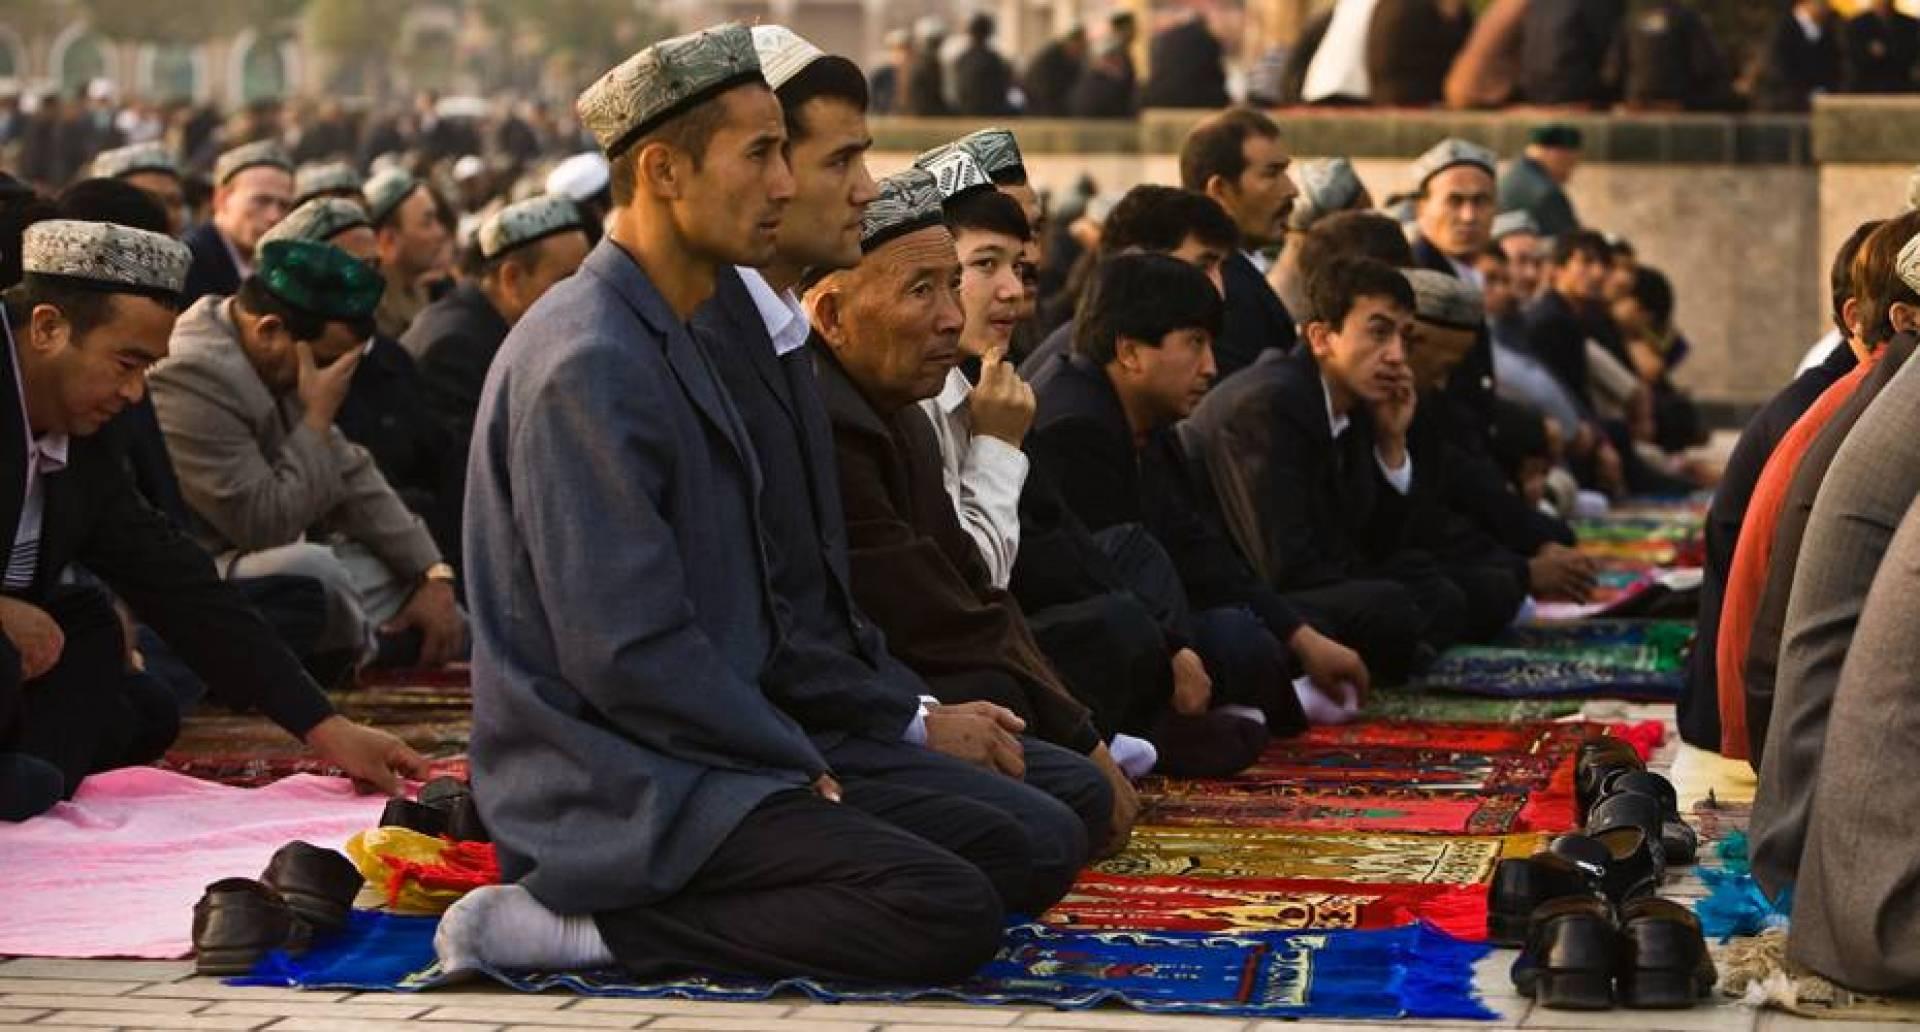 هل تتسبب اتفاقية الصين وتركيا بترحيل الأويغور؟